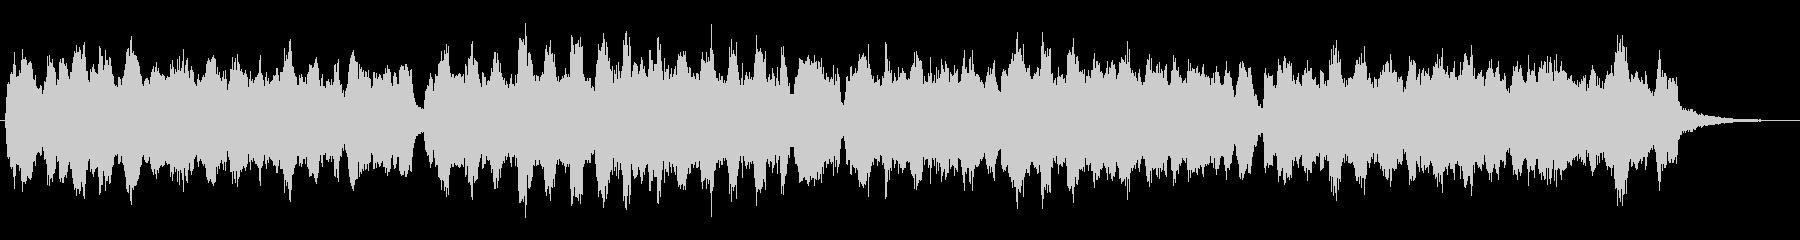 オルガンの音色が印象的な欧風なジングルの未再生の波形